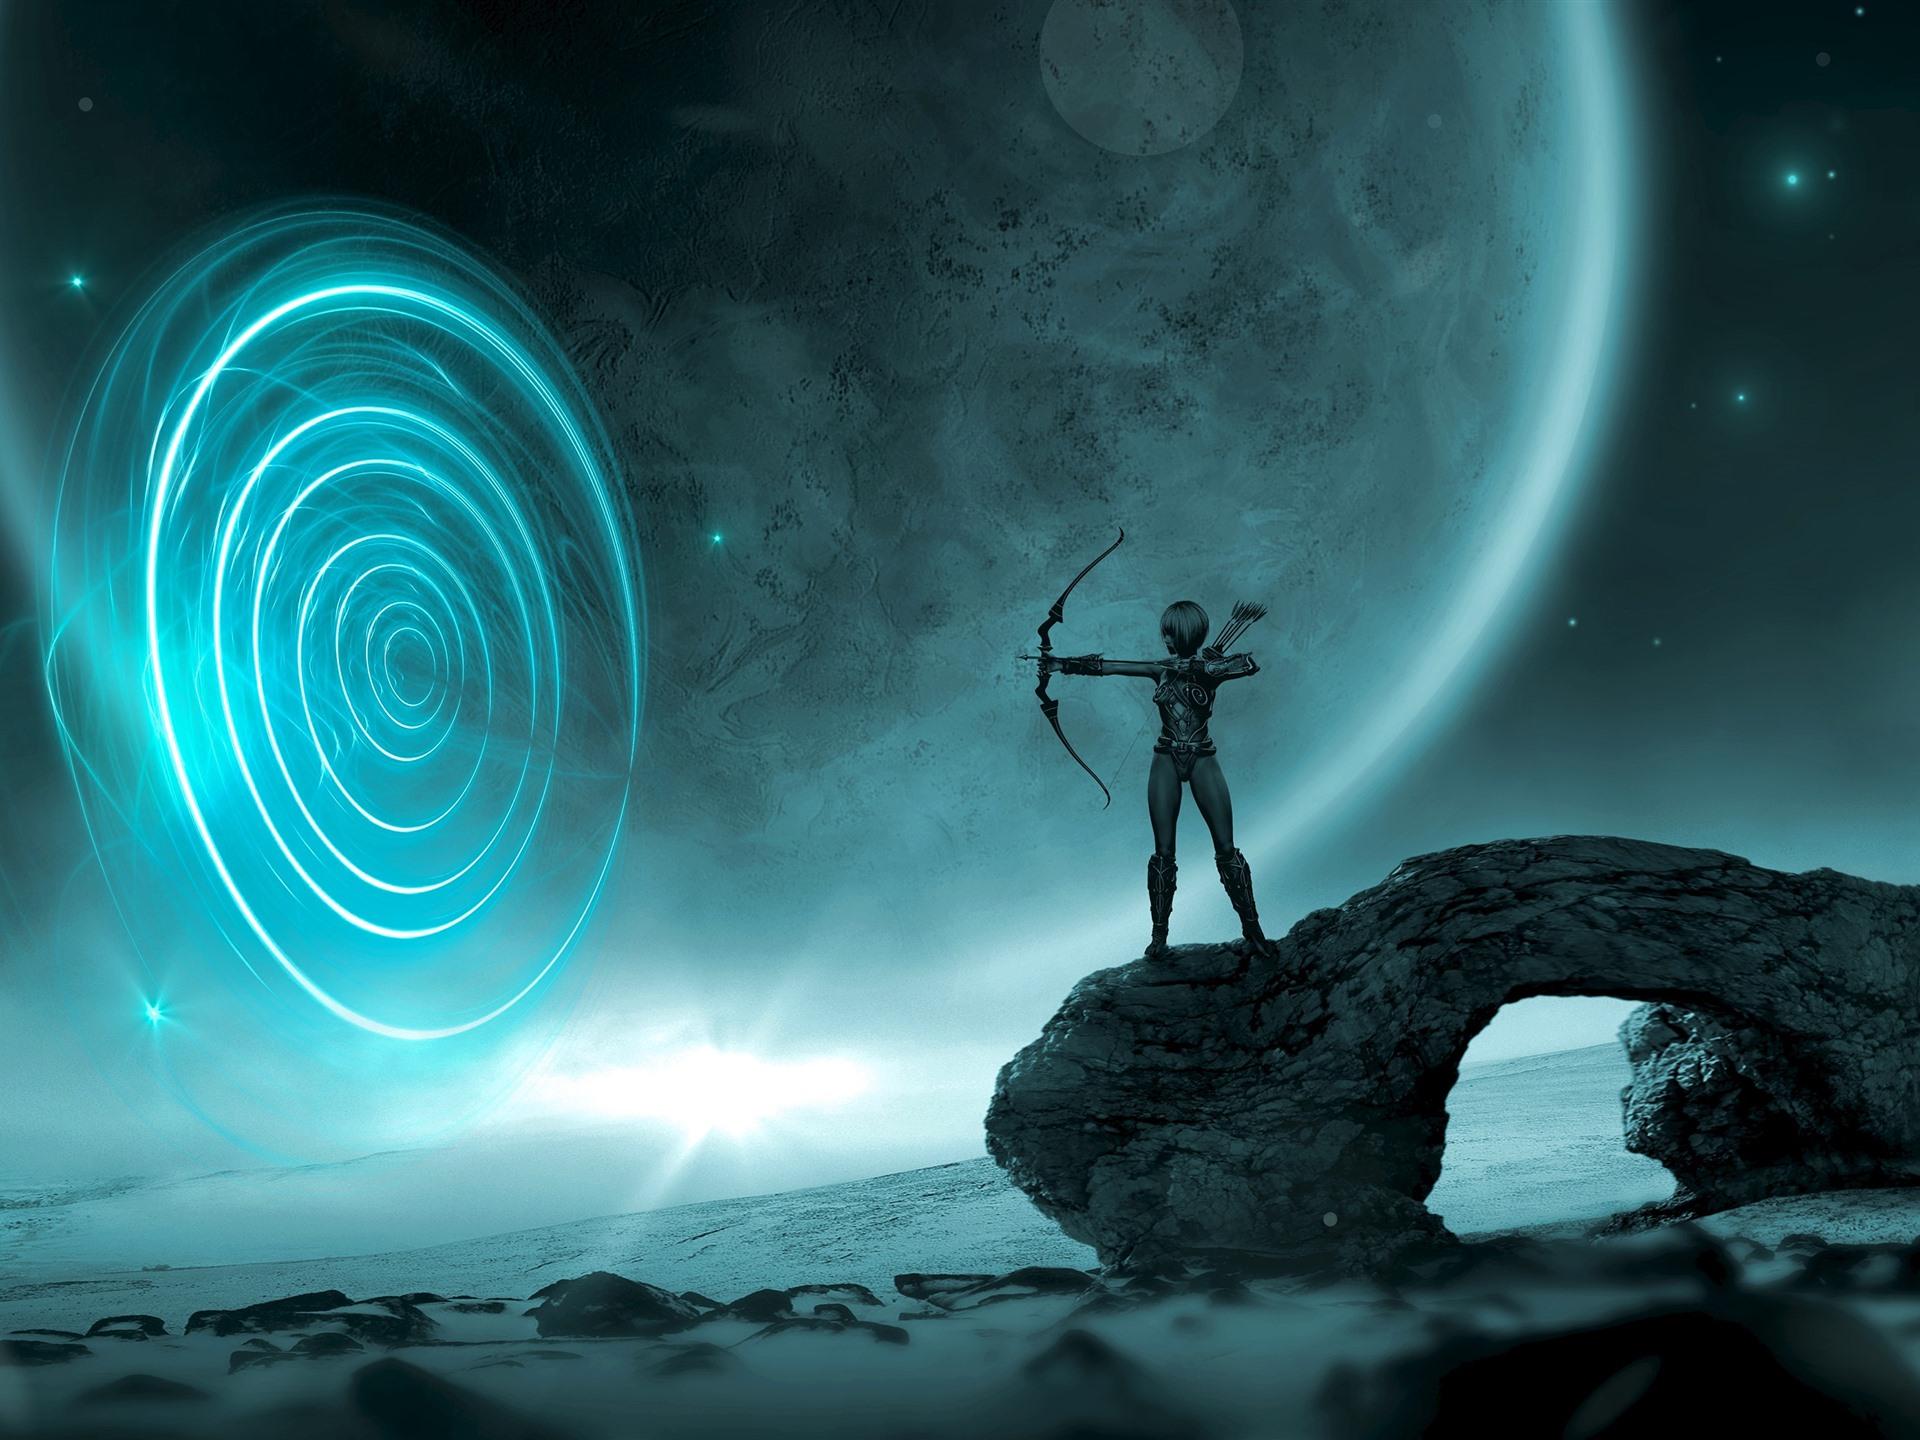 Картинки фэнтези порталы в космосе